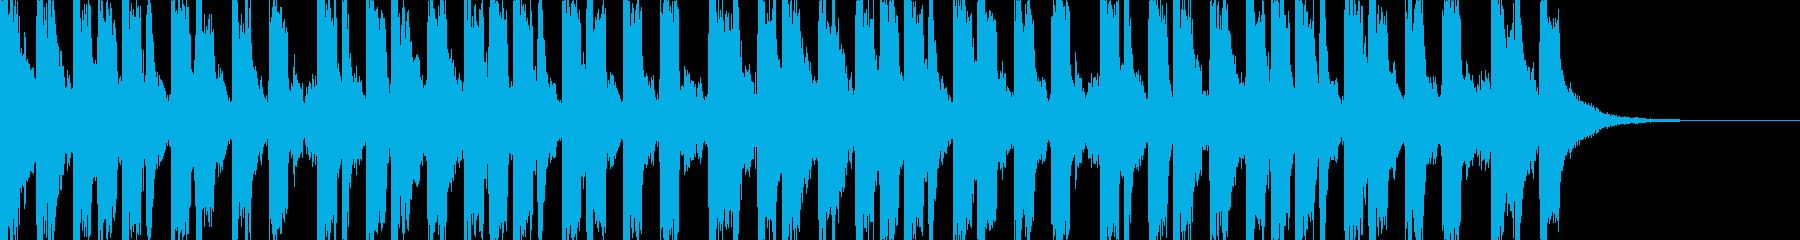 ヒップホップ、かっこいい、ダンス#3の再生済みの波形